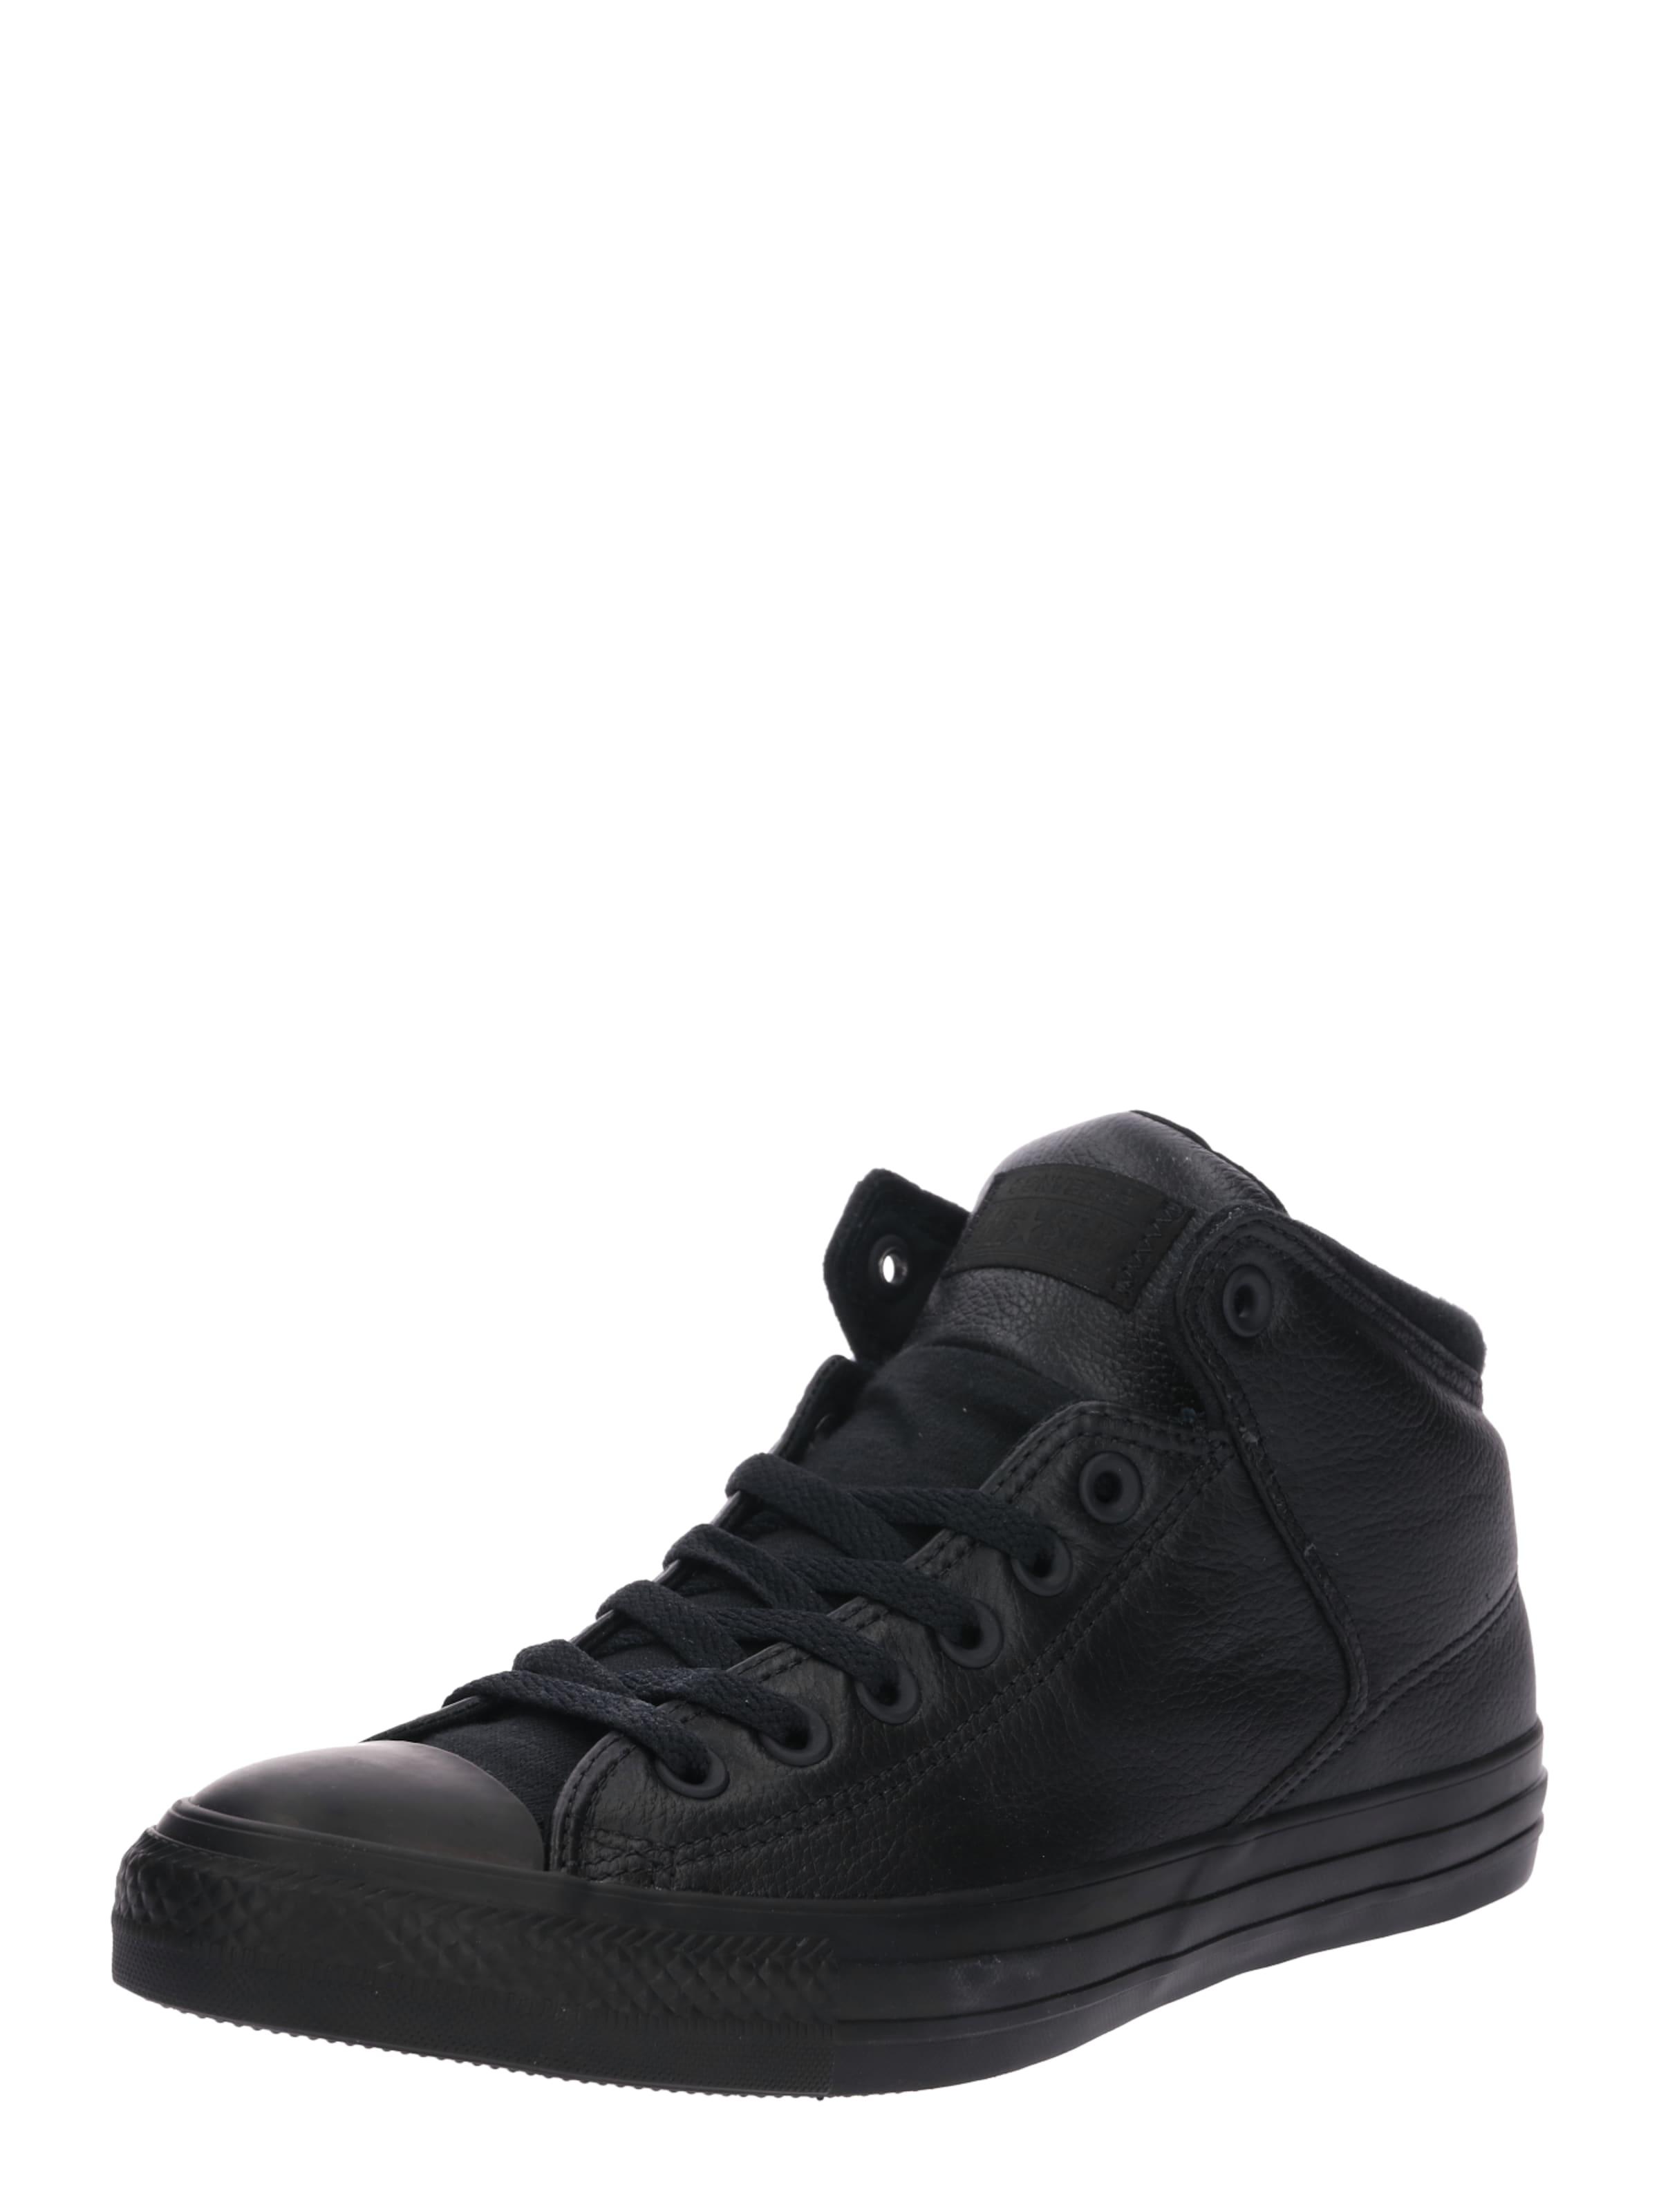 CONVERSE Sneaker  CHUCK TAYLOR ALL STAR HIGH STREET